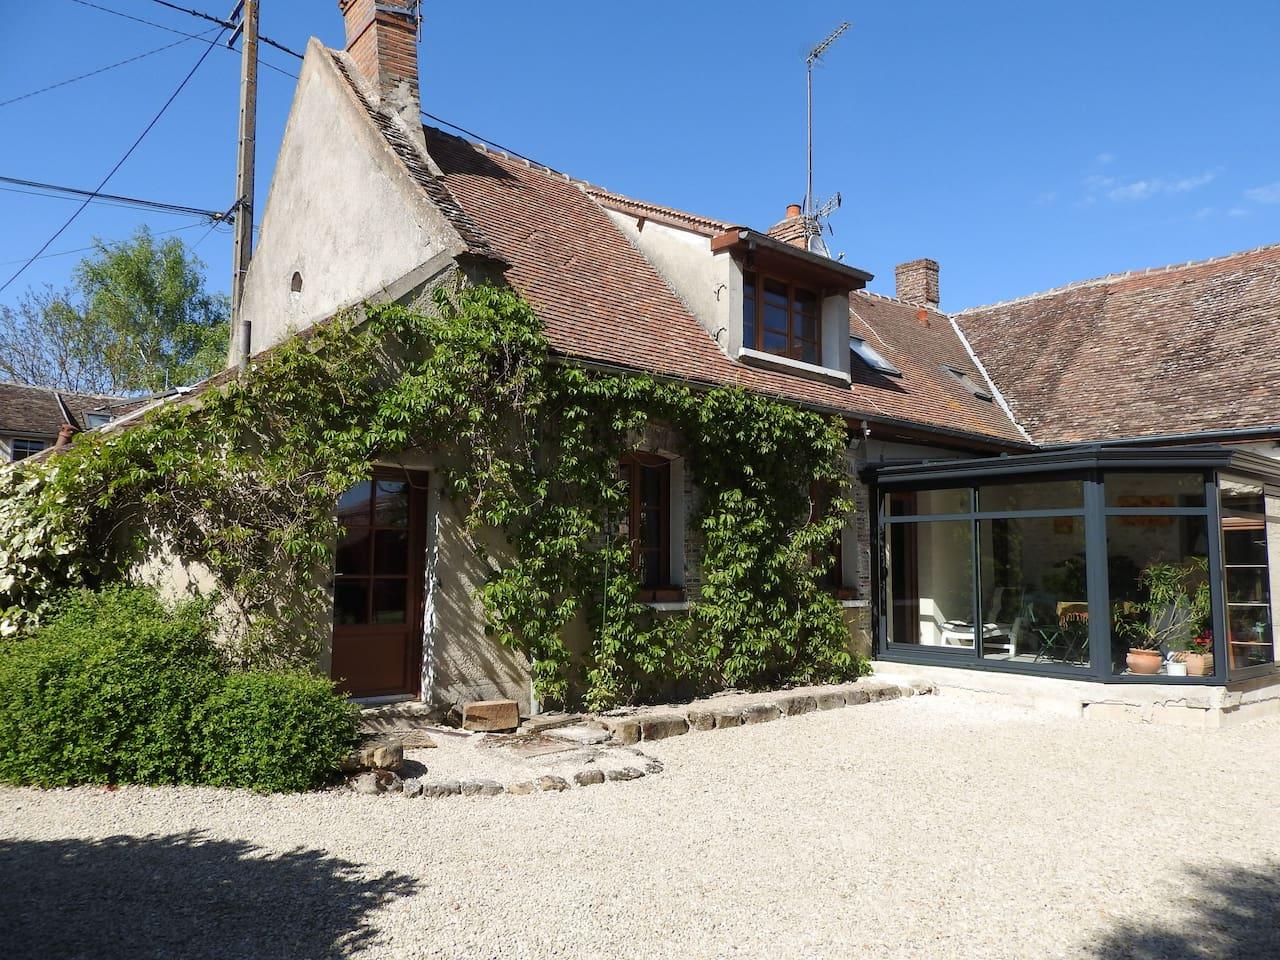 Maison traditionnelle de la Bassée avec une grande cour intérieure et une façade verdoyante dès le printemps.